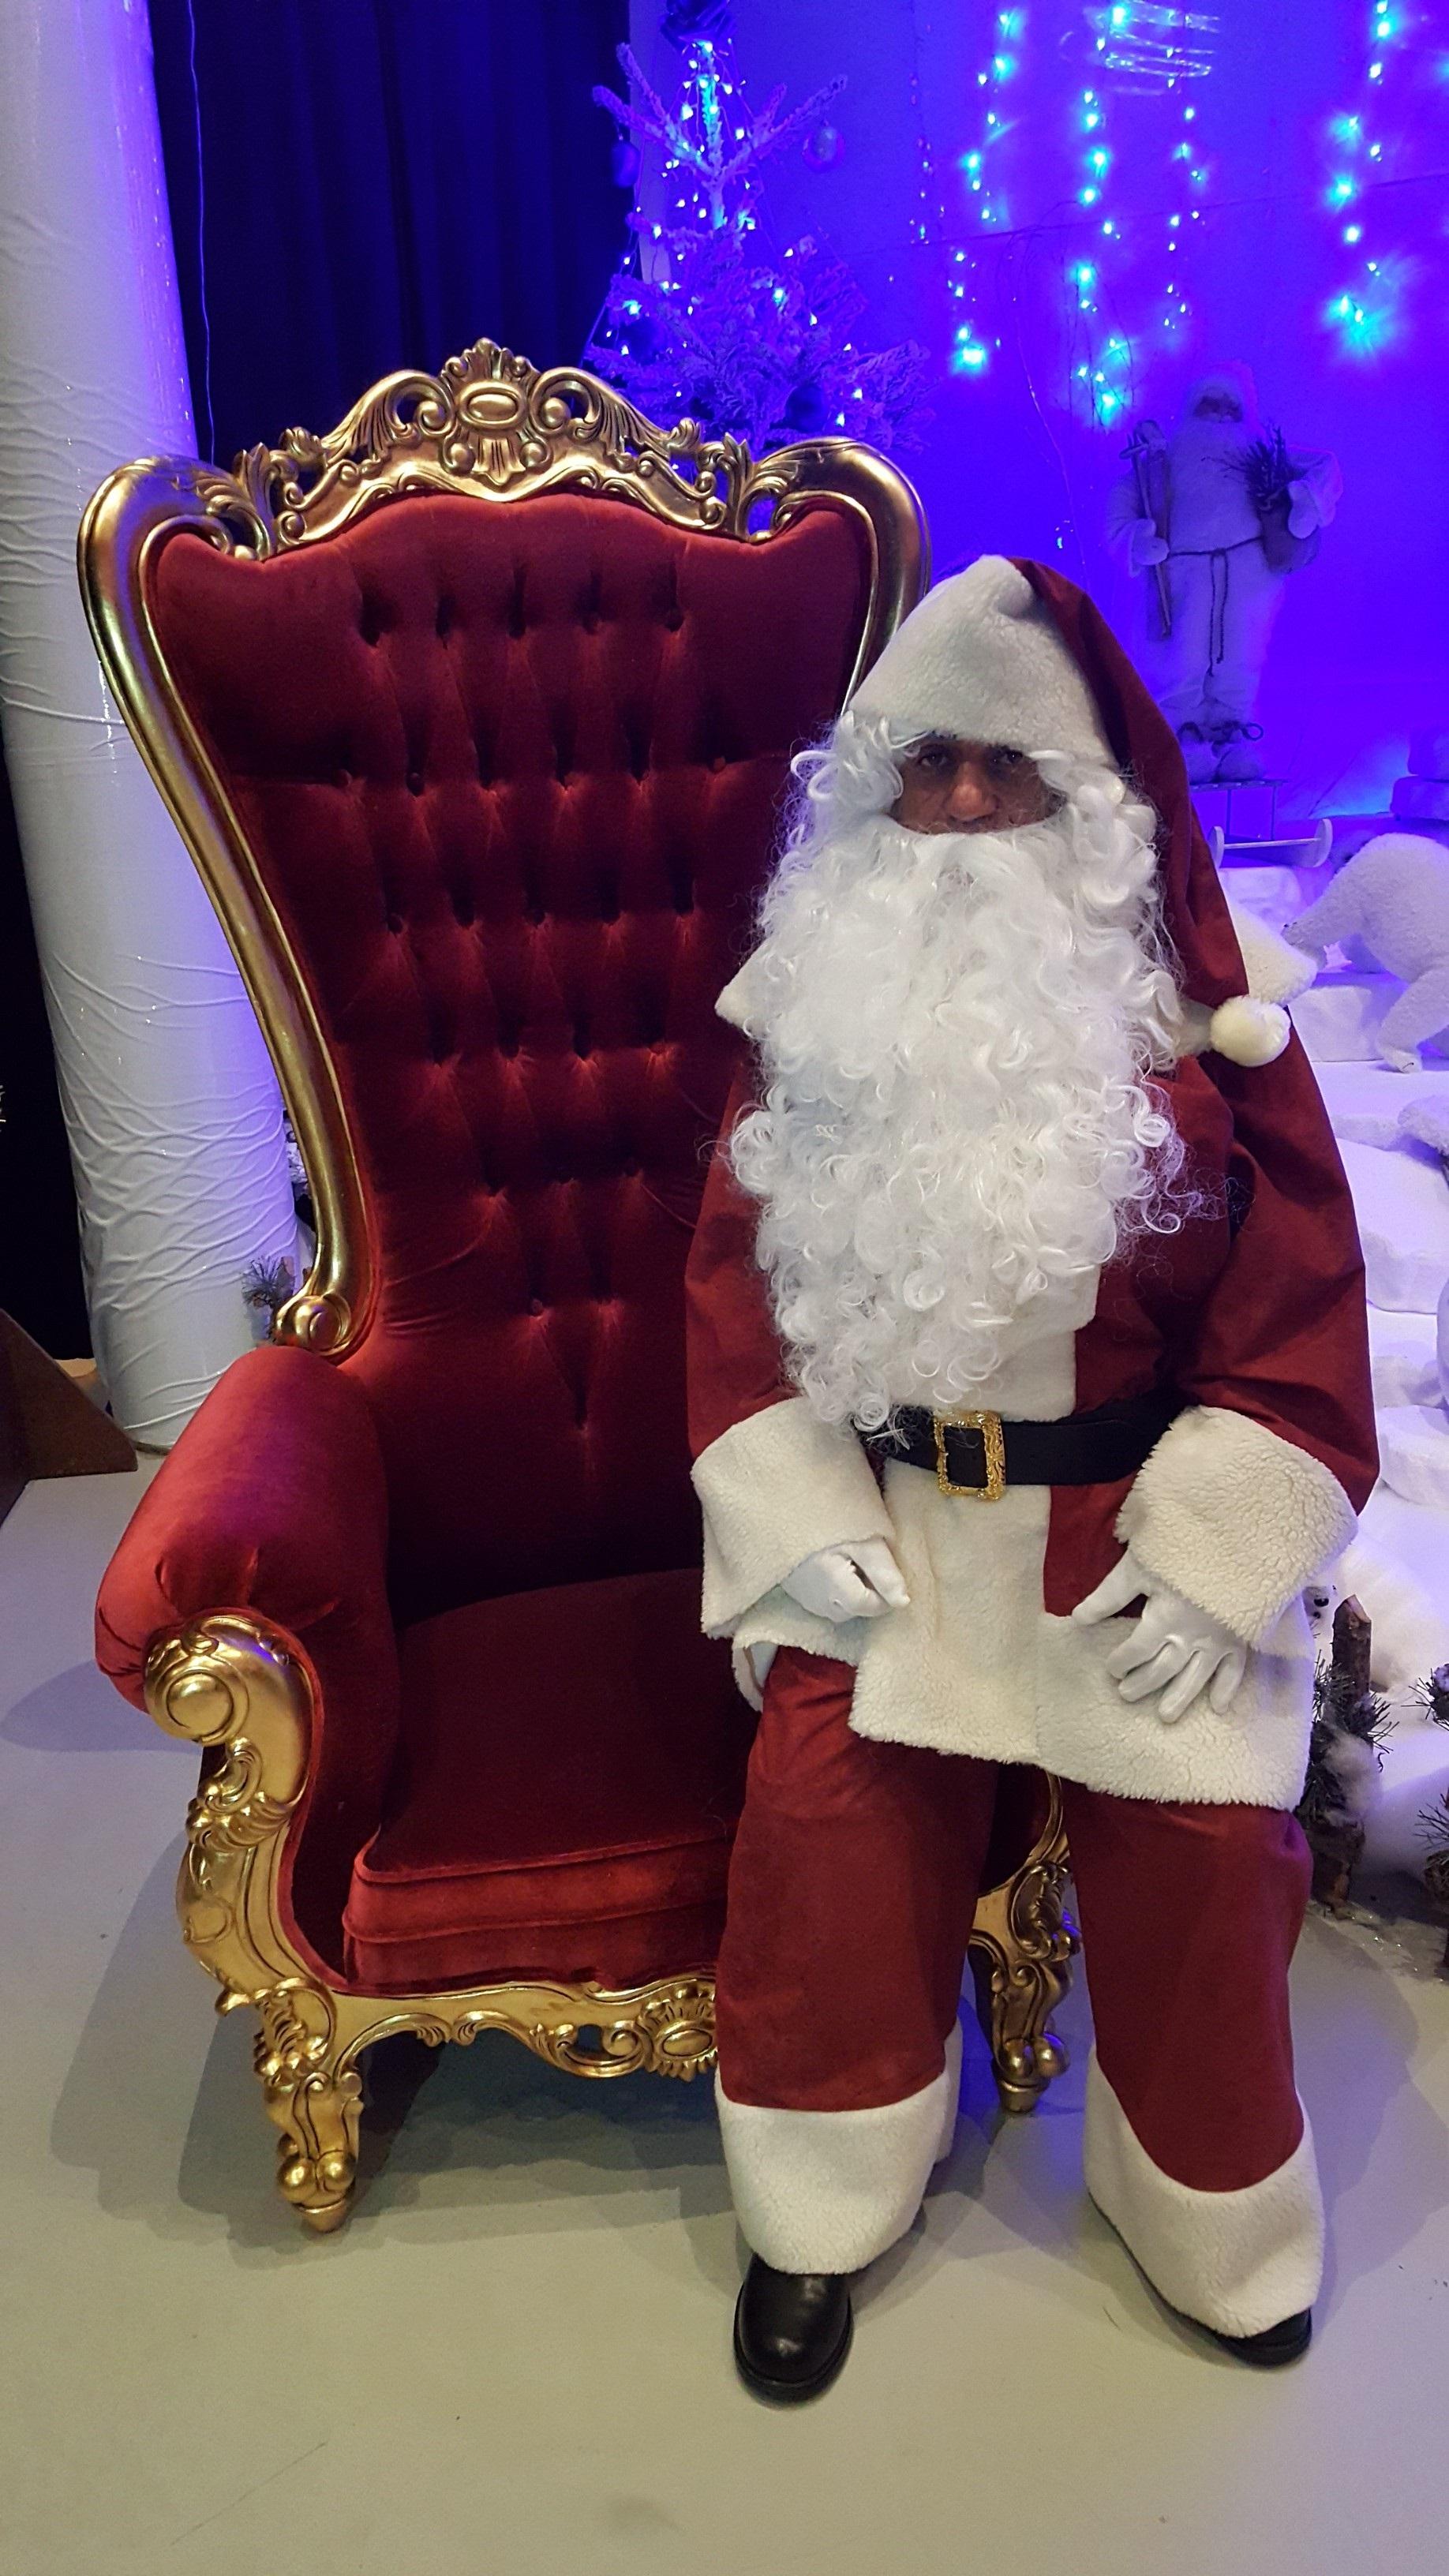 fauteuil et trone Noël